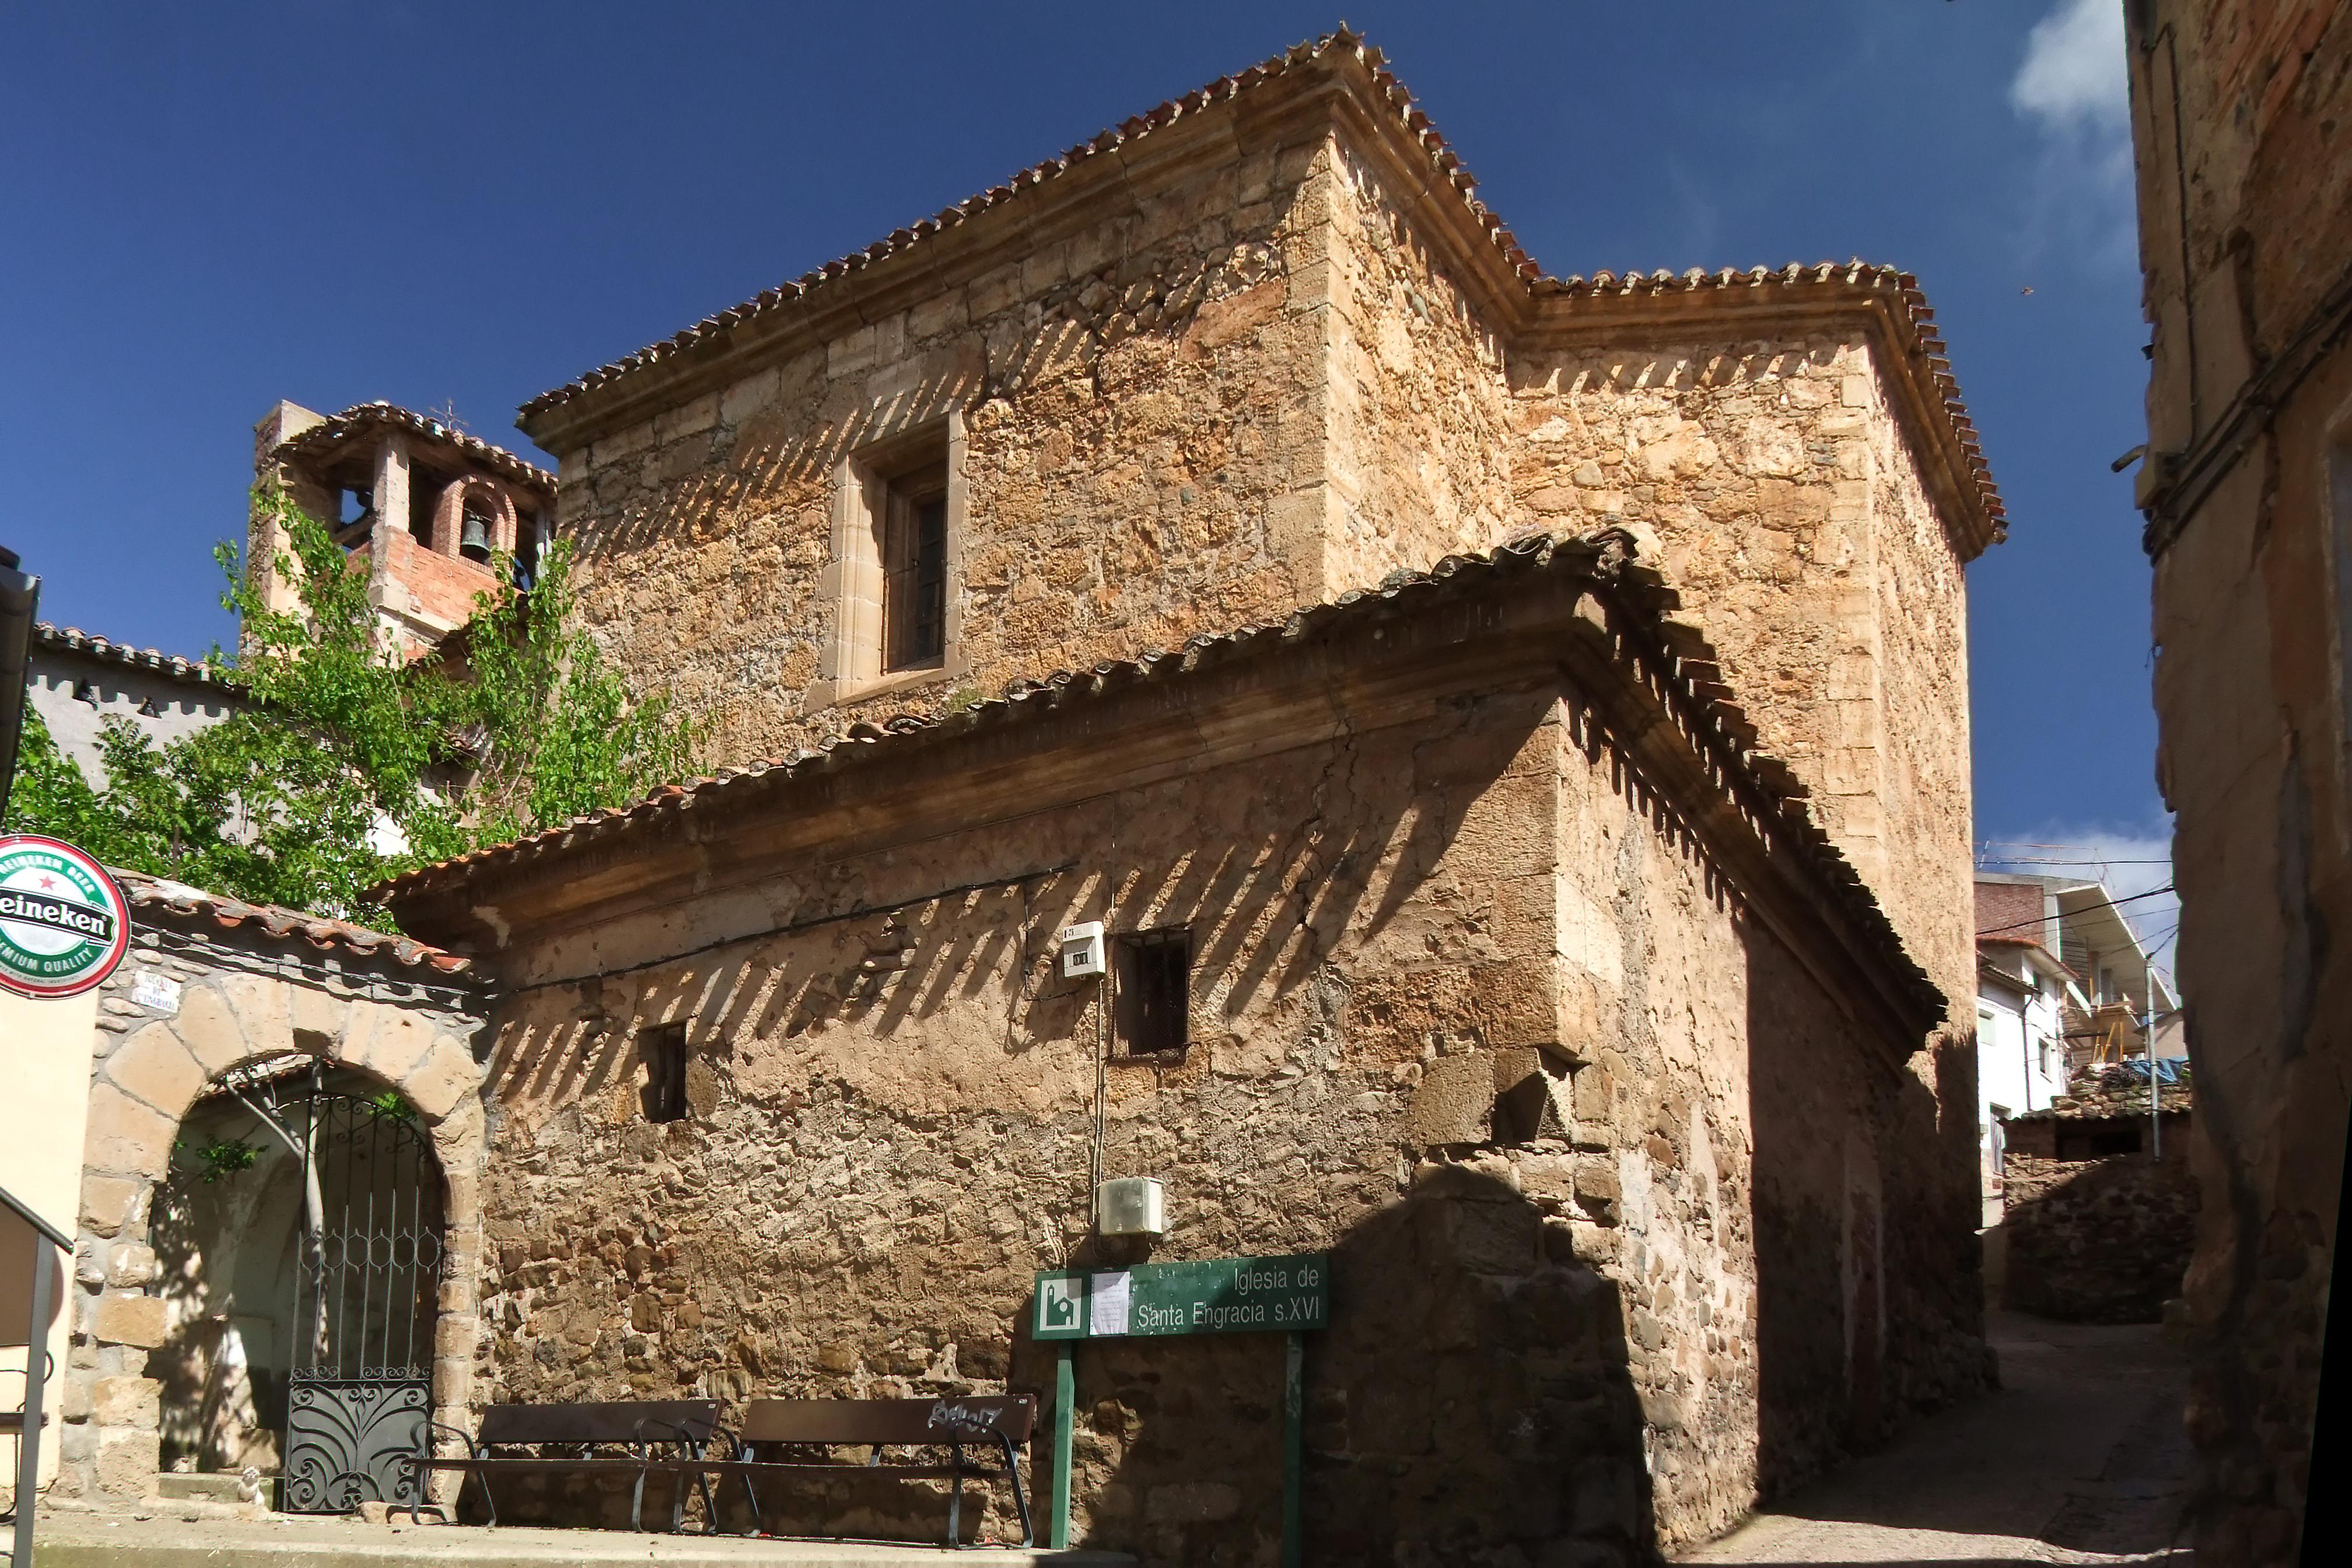 Archivo Santa Engracia De Jubera 21125 Jpg Wikipedia La